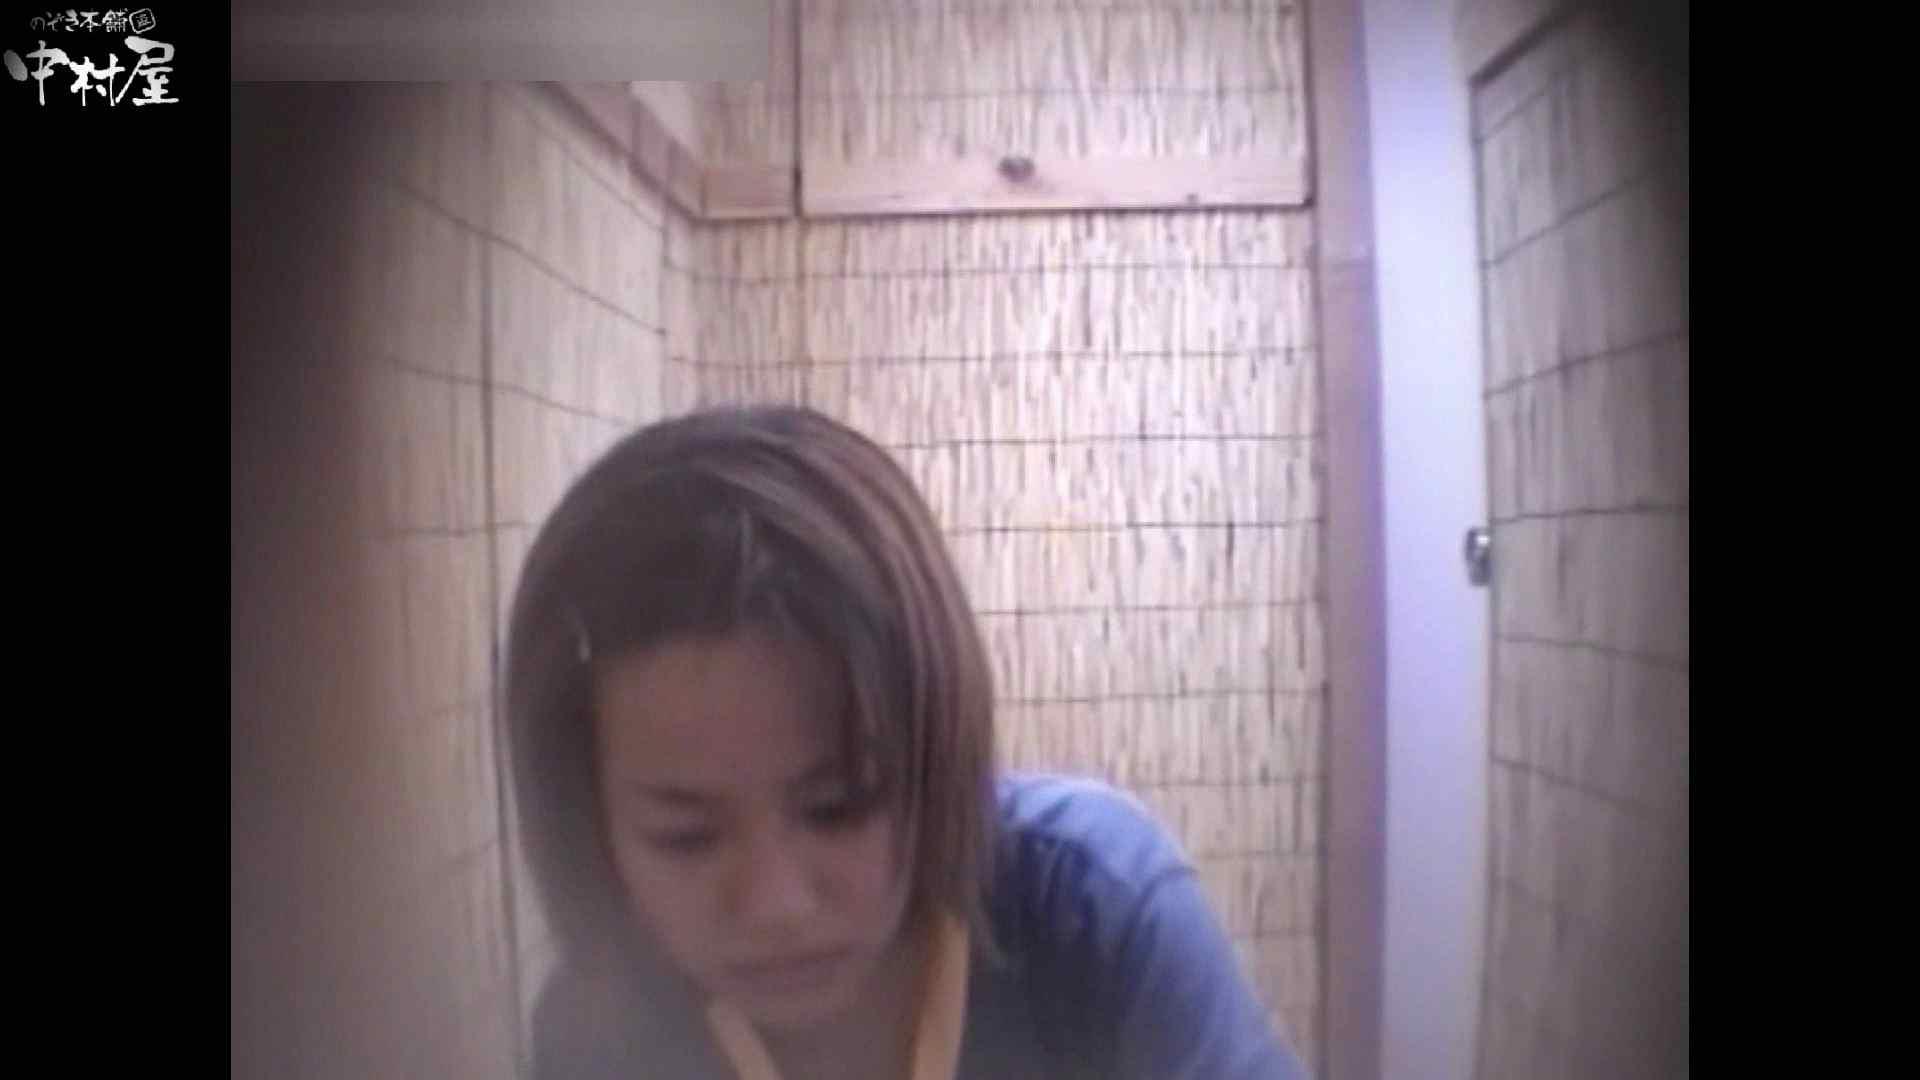 解禁!海の家4カメ洗面所vol.36 洗面所編 | ギャルのエロ動画  80PIX 70